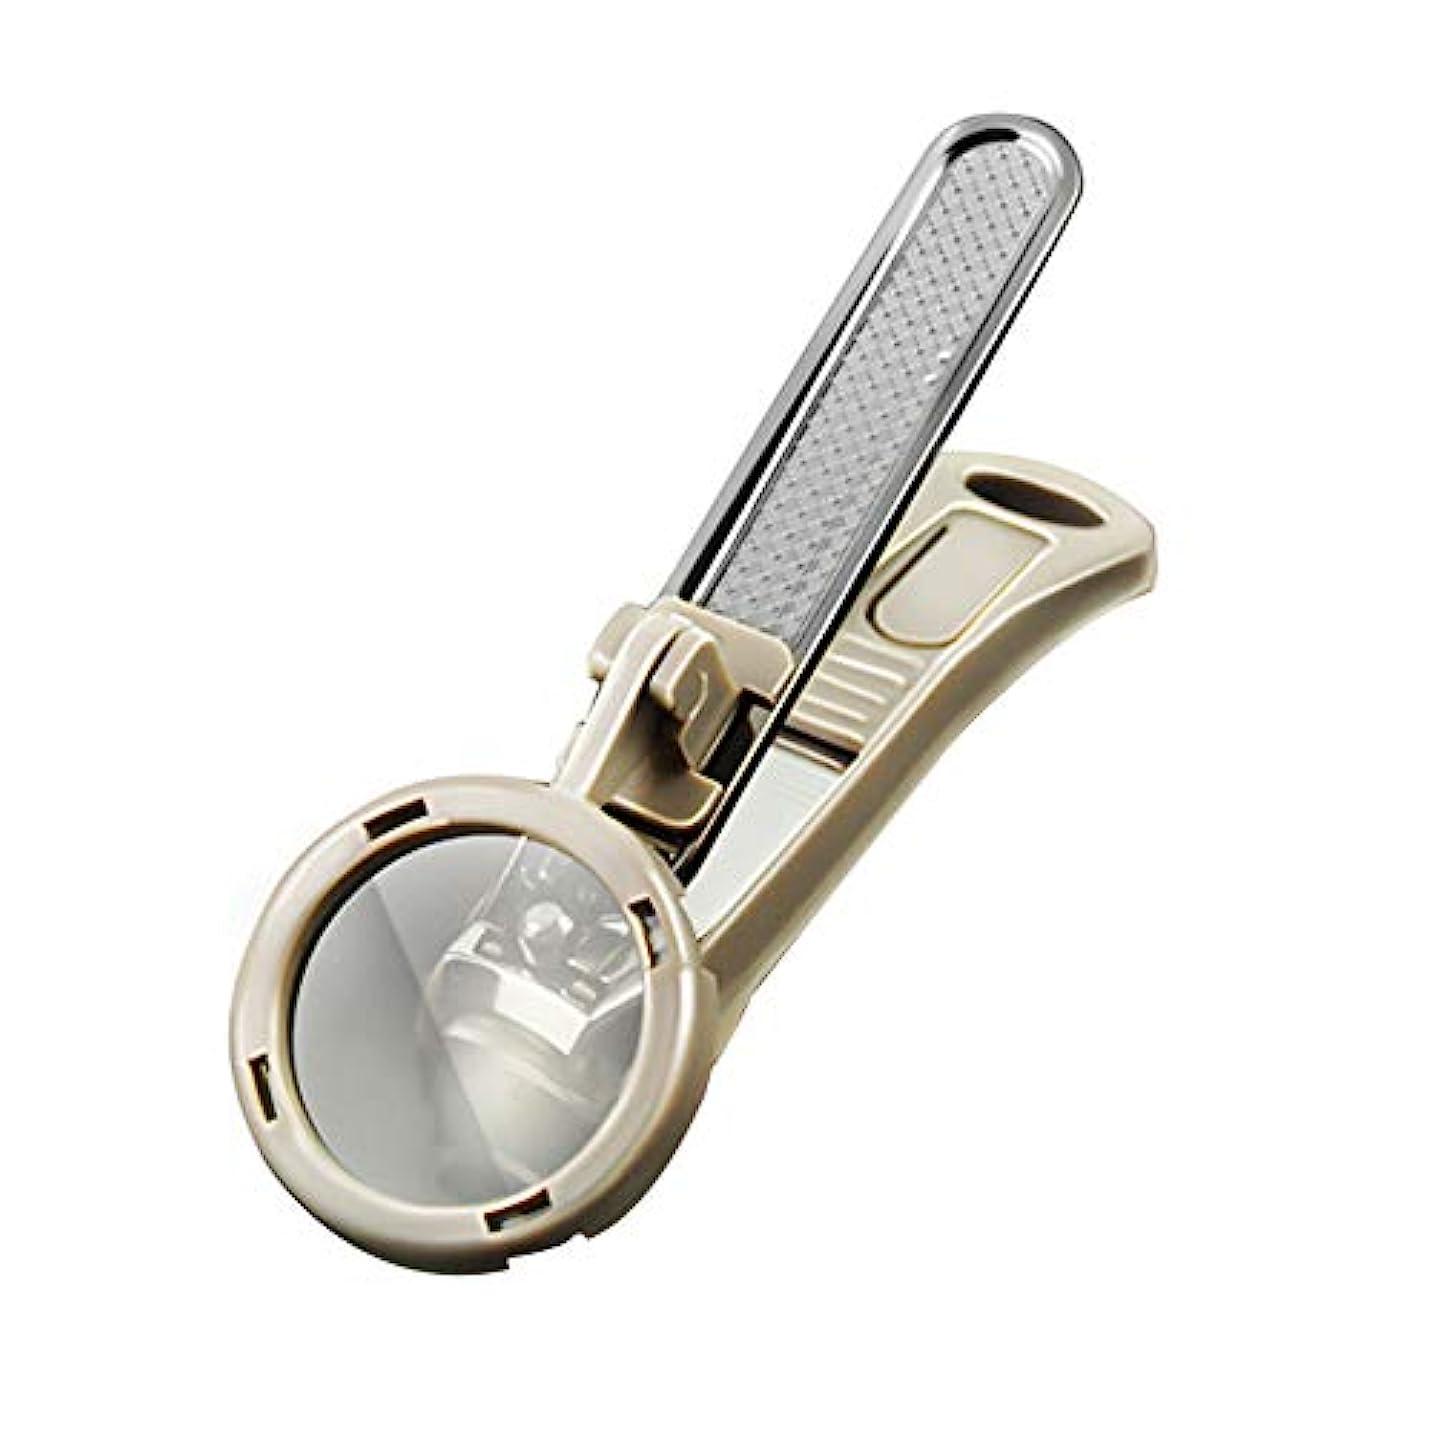 閃光北極圏人事2.5倍の爪切りの拡大鏡,取り外し可能な拡大鏡の高齢者の爪切り ベビーセーフティーネイルケア ,収納ボックス付き